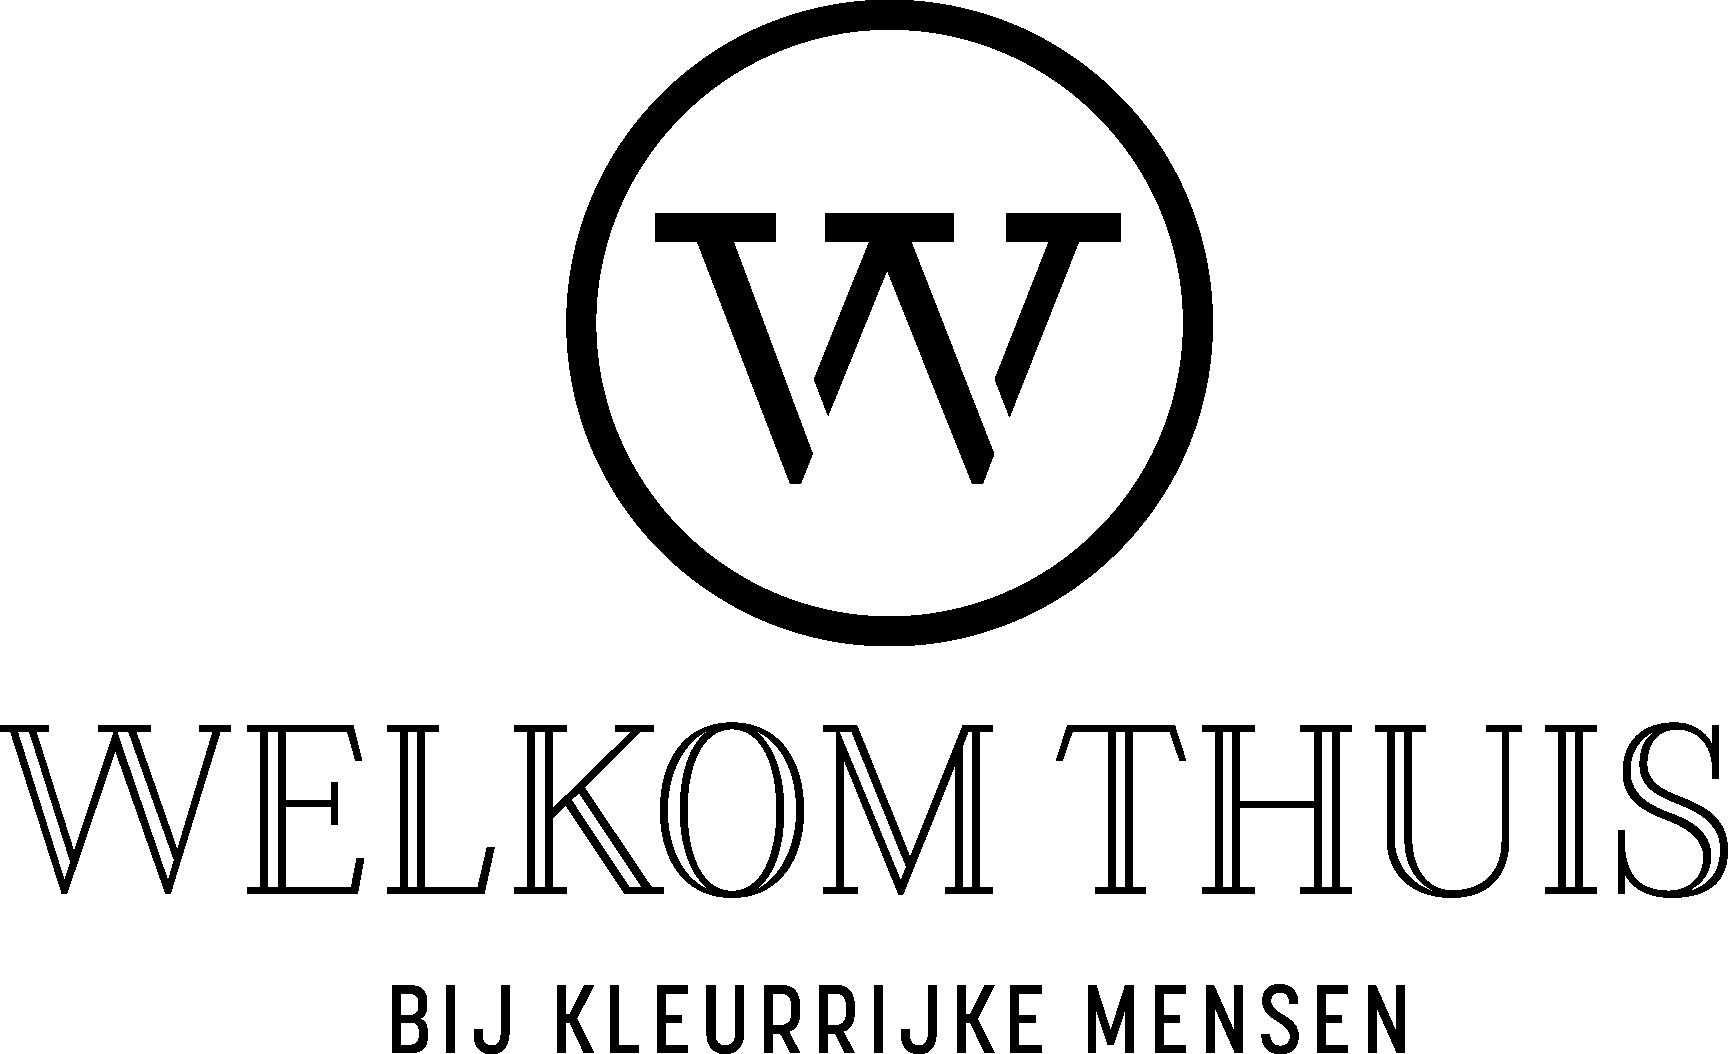 Welkom thuis logo